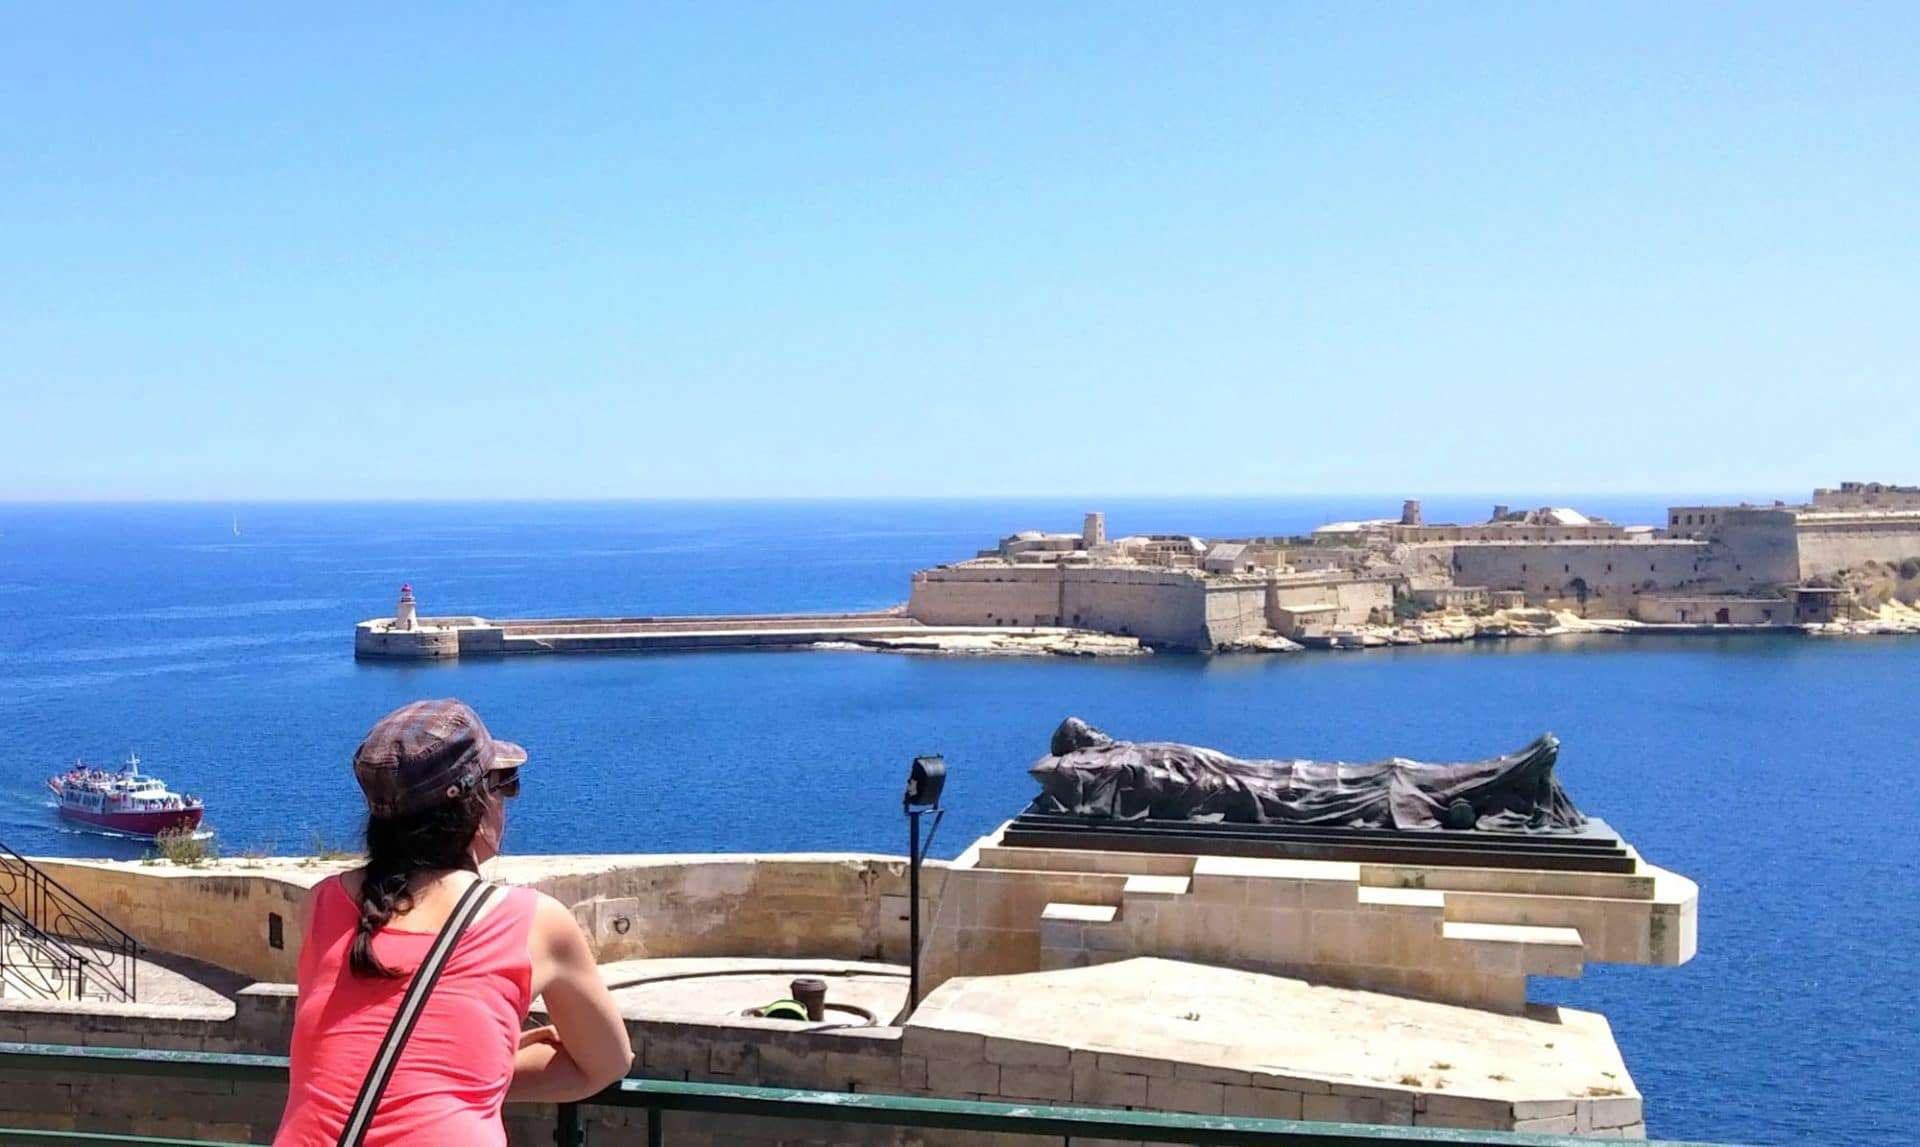 Cosa vedere a Malta in un giorno: itinerario a piedi a La Valletta